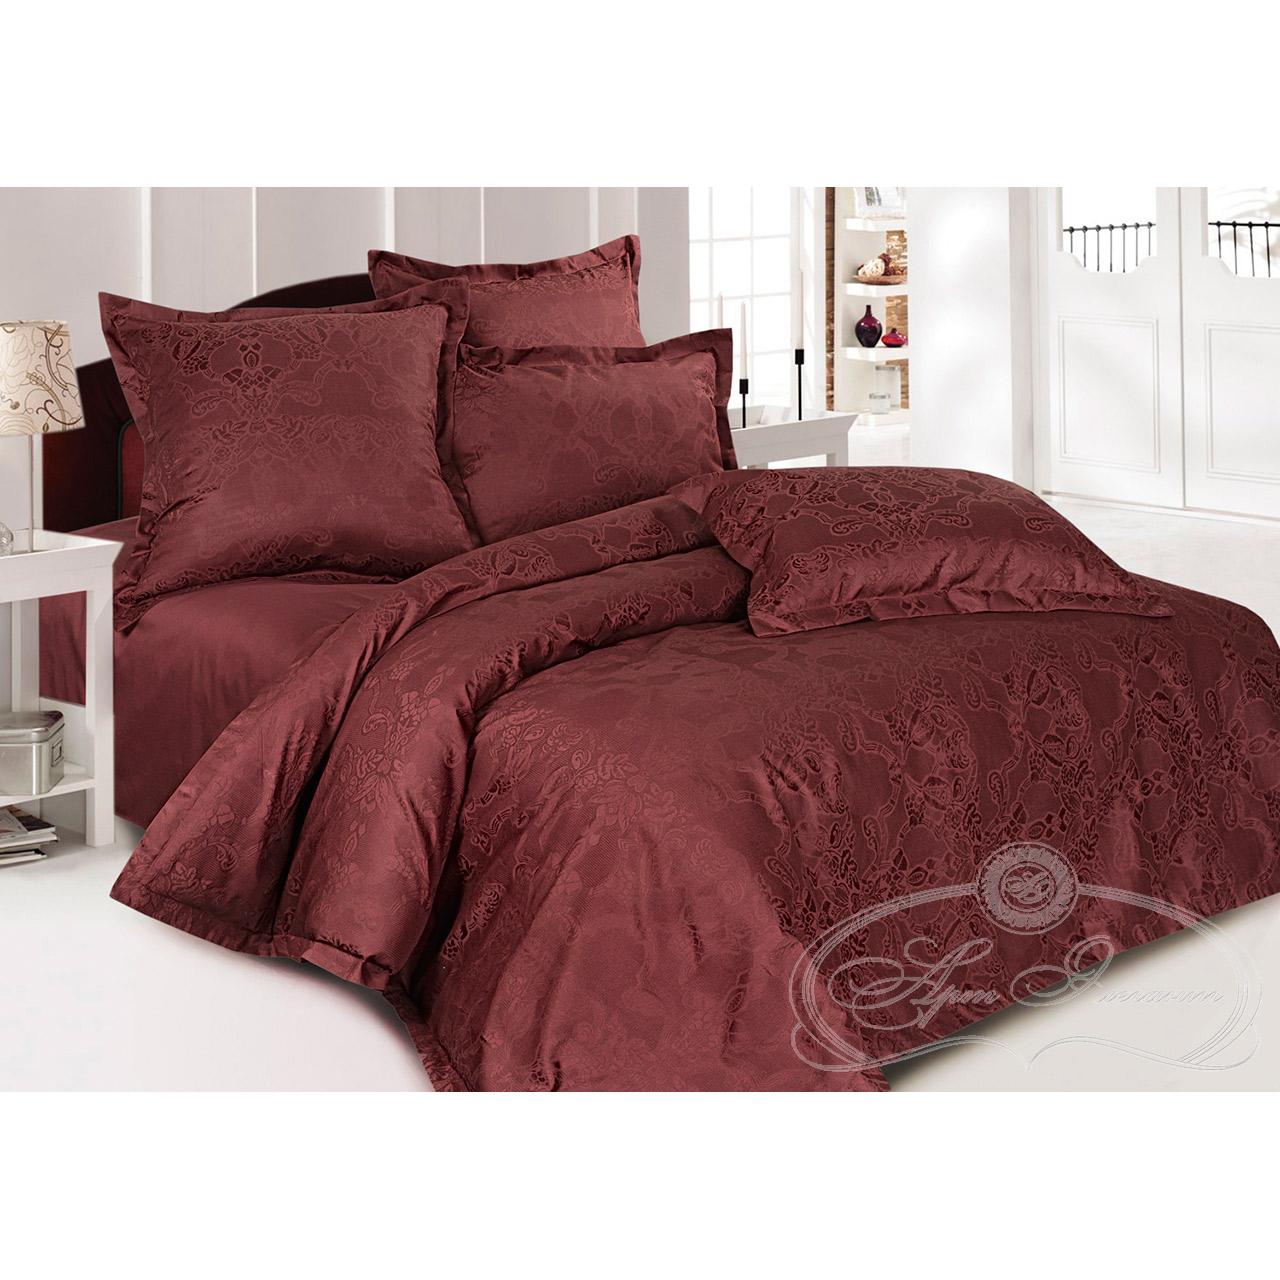 Постельное белье Миледи шоколад (сатин-жаккард) (2 спальный с Евро простынёй) постельное белье спаленка кпб сатин премиум евро 2 1